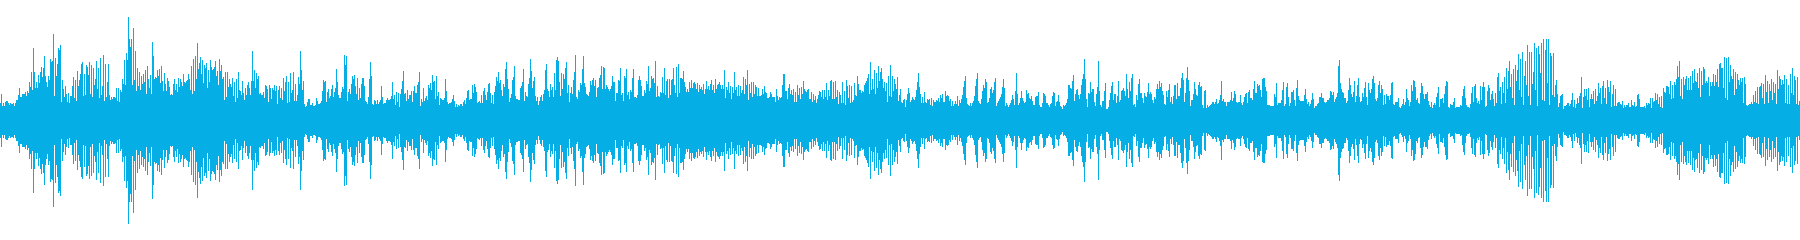 カジカガエルの鳴き声(ループ)の再生済みの波形